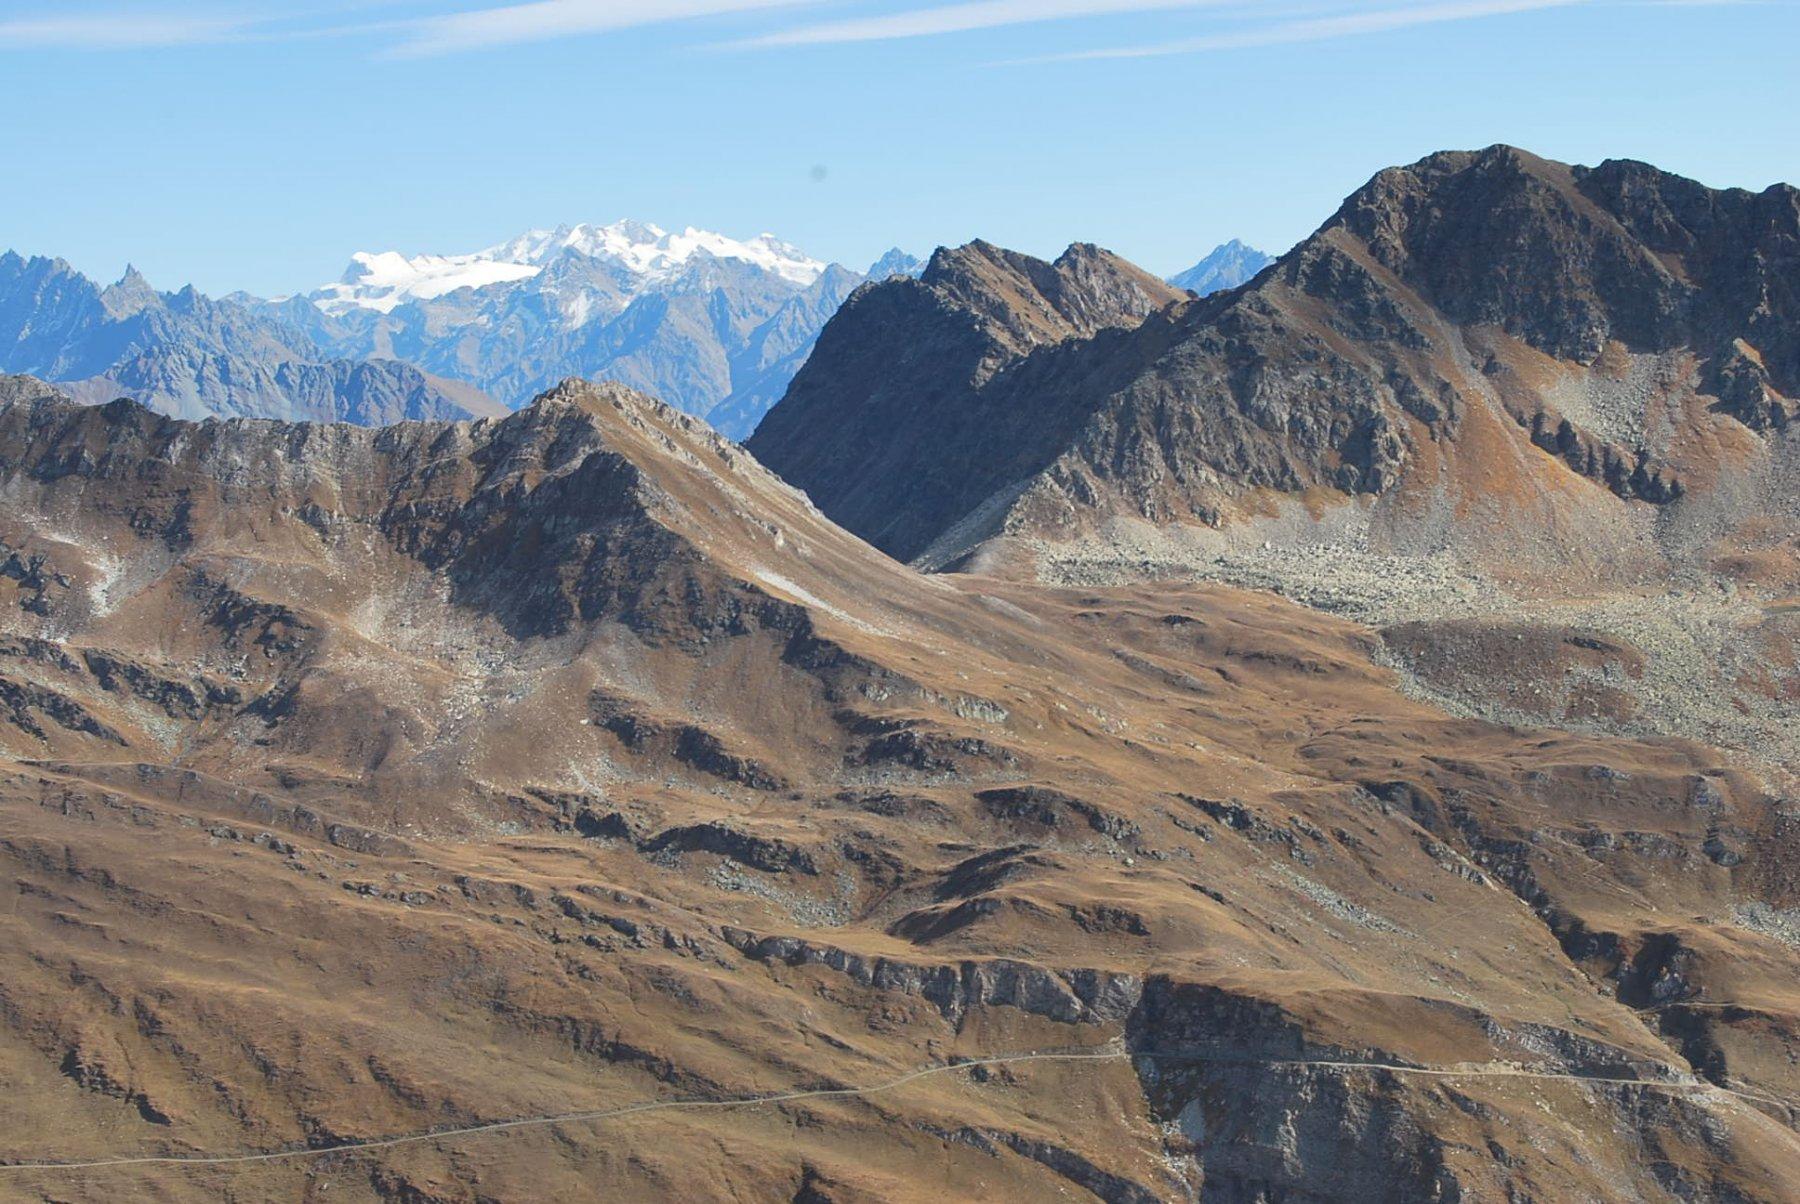 Panorami da favola: Col Serena e Monte Rosa dalla cima 2825 m